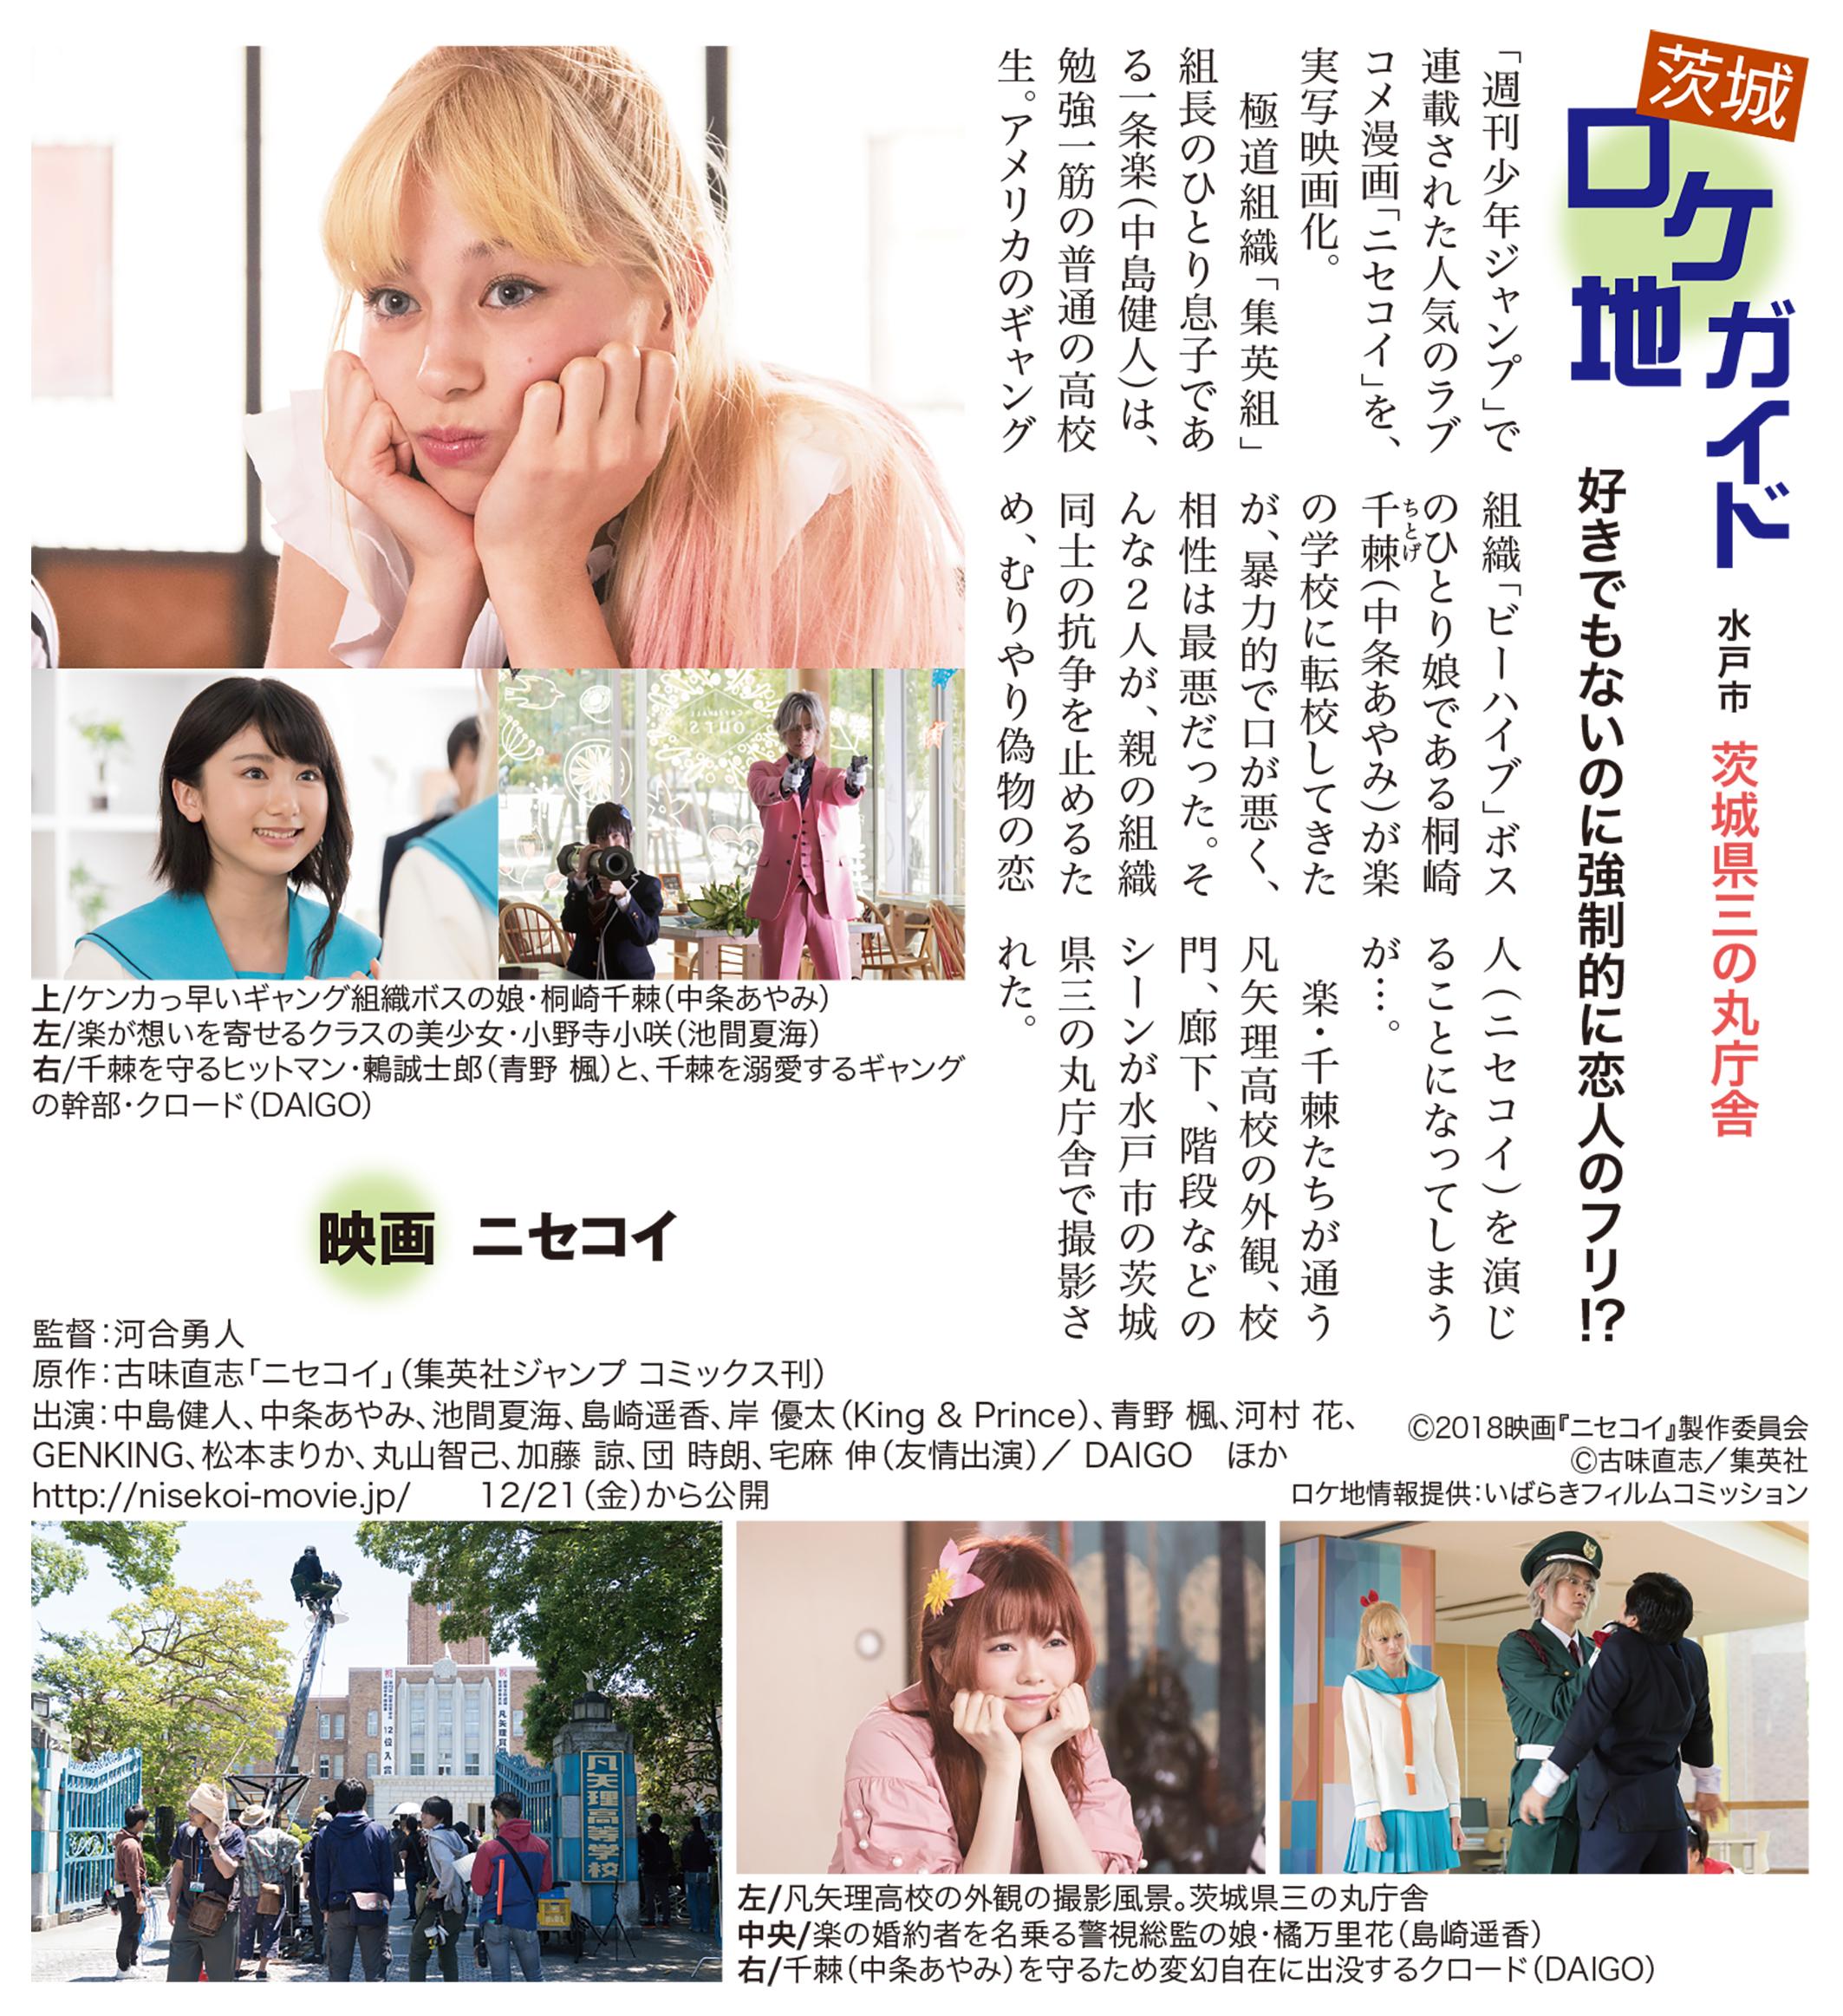 映画『ニセコイ』のロケ地は茨城県三の丸庁舎(水戸市)